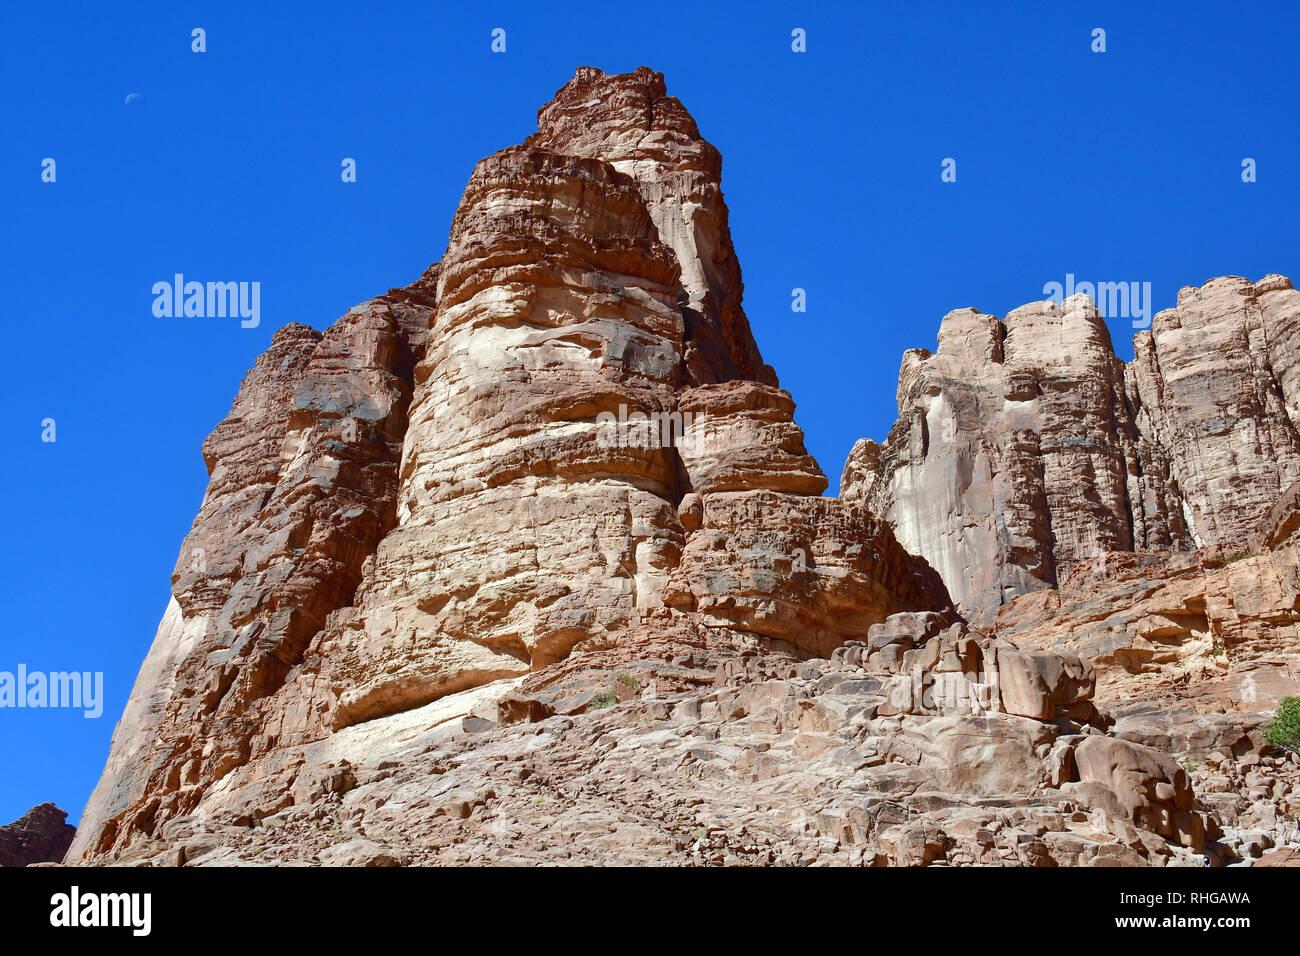 Le formazioni rocciose di Lawrence della primavera nel deserto a Wadi Rum. L'area protetta elencati come patrimonio mondiale dall' UNESCO, Giordania Foto Stock